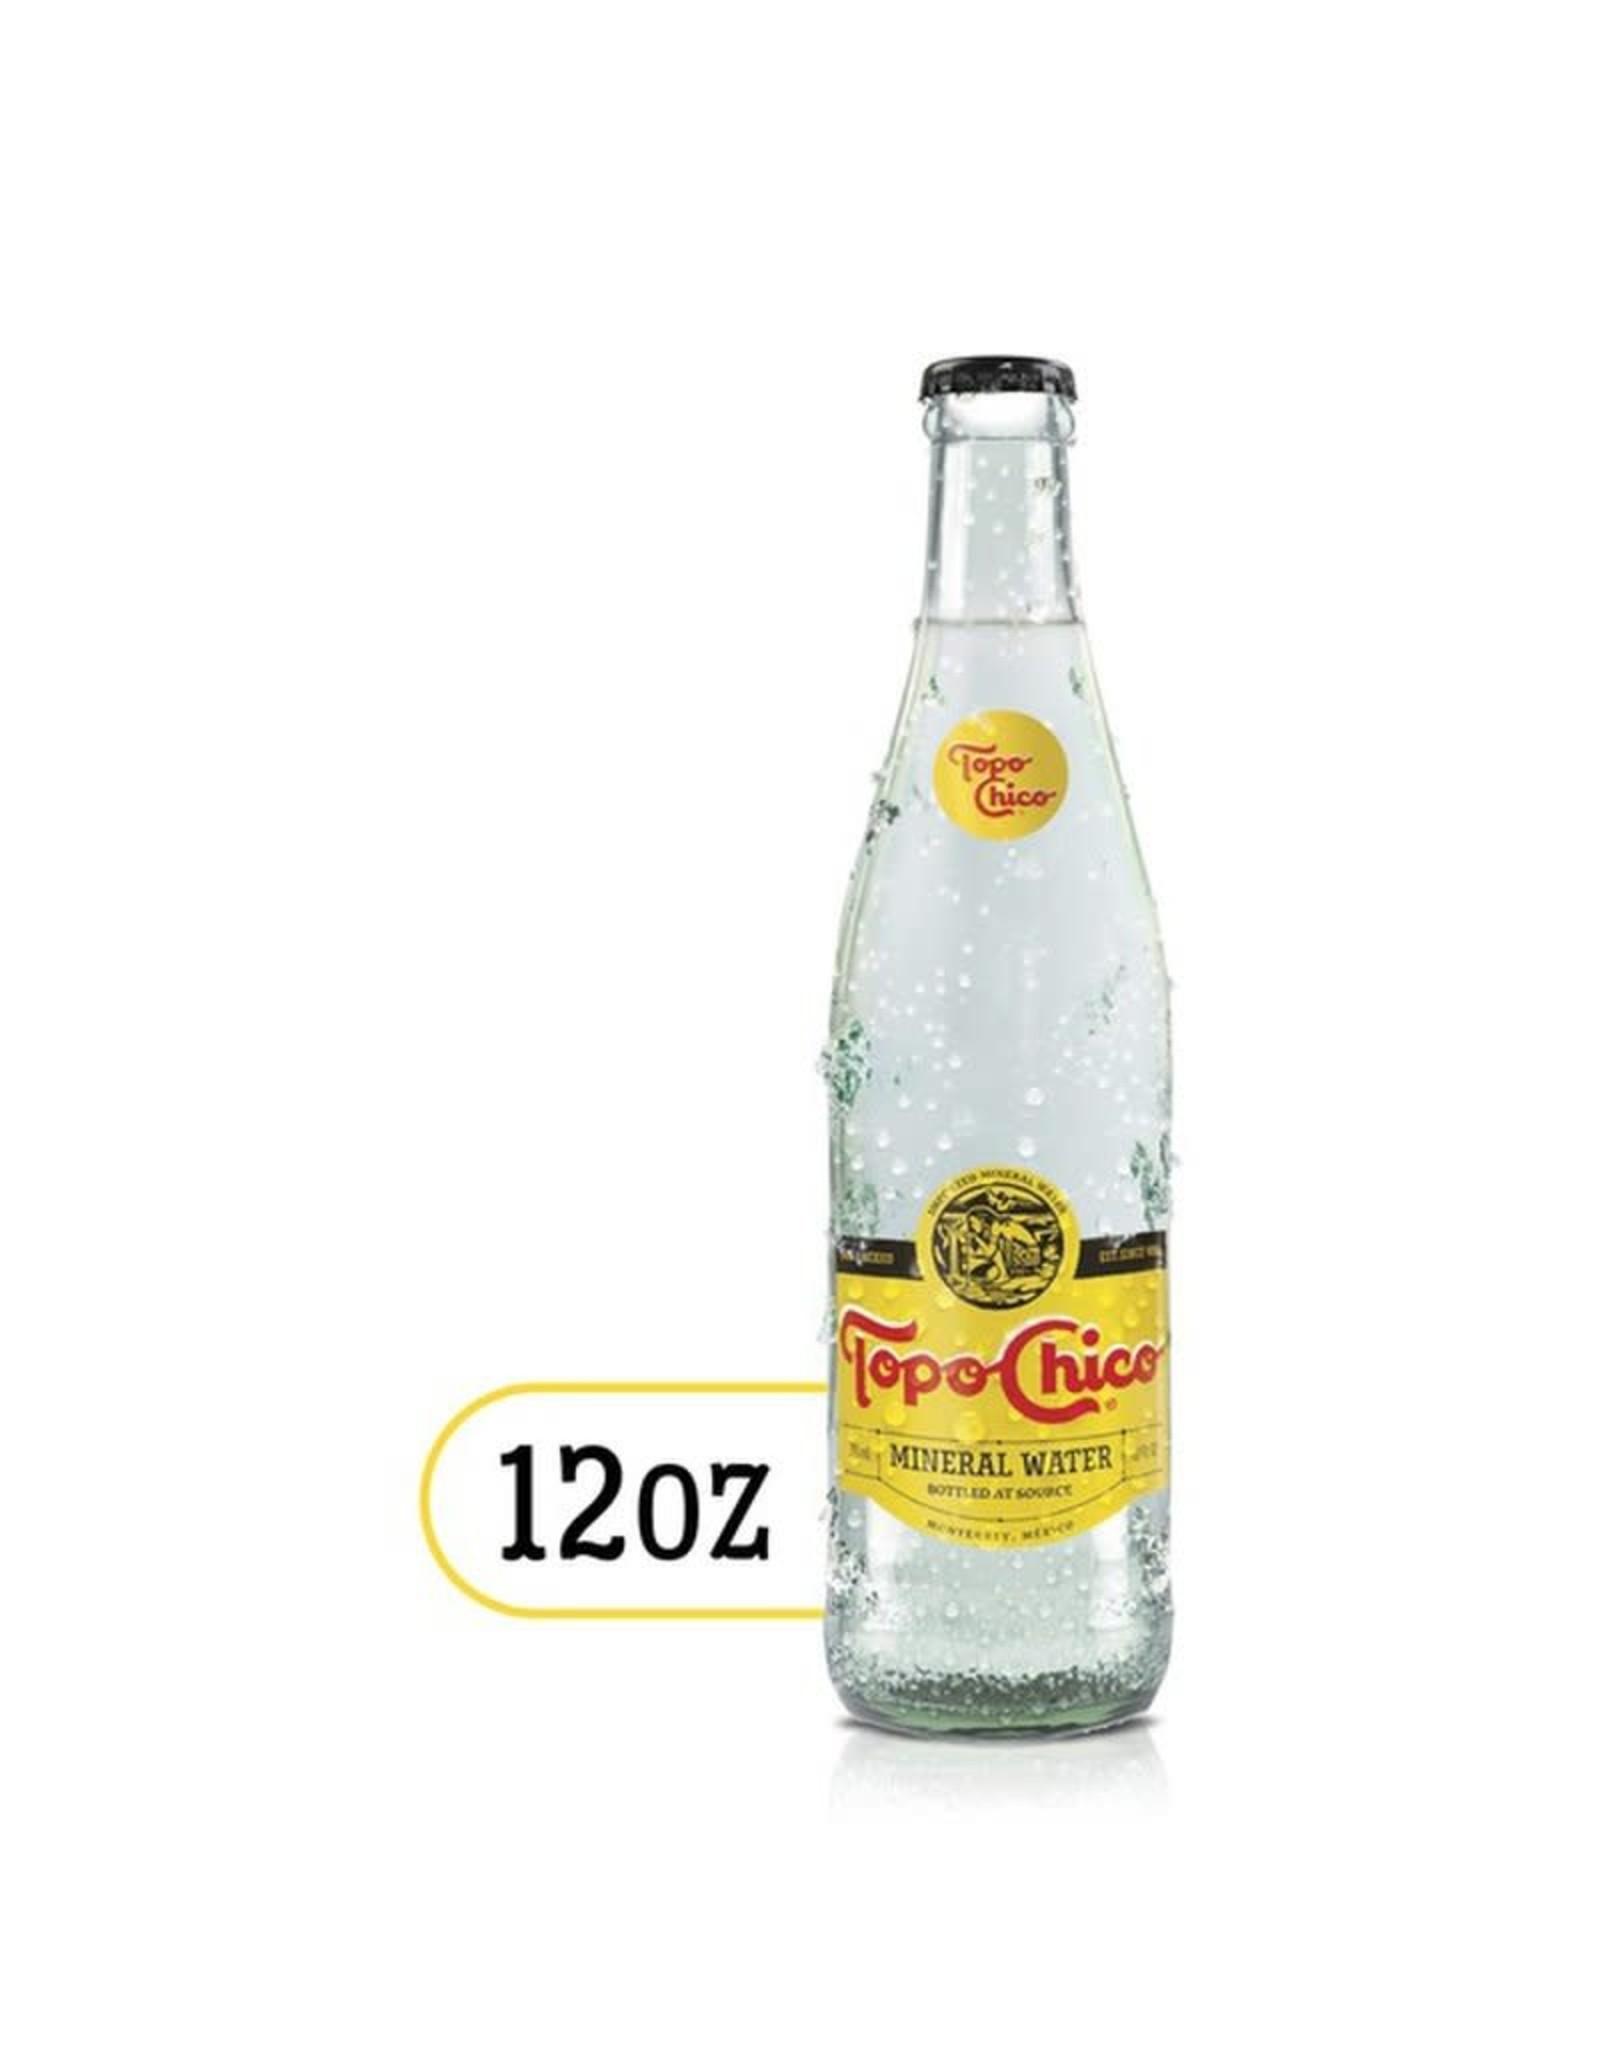 Topo Chico Topo Chico Carbonated Mineral Water 12oz